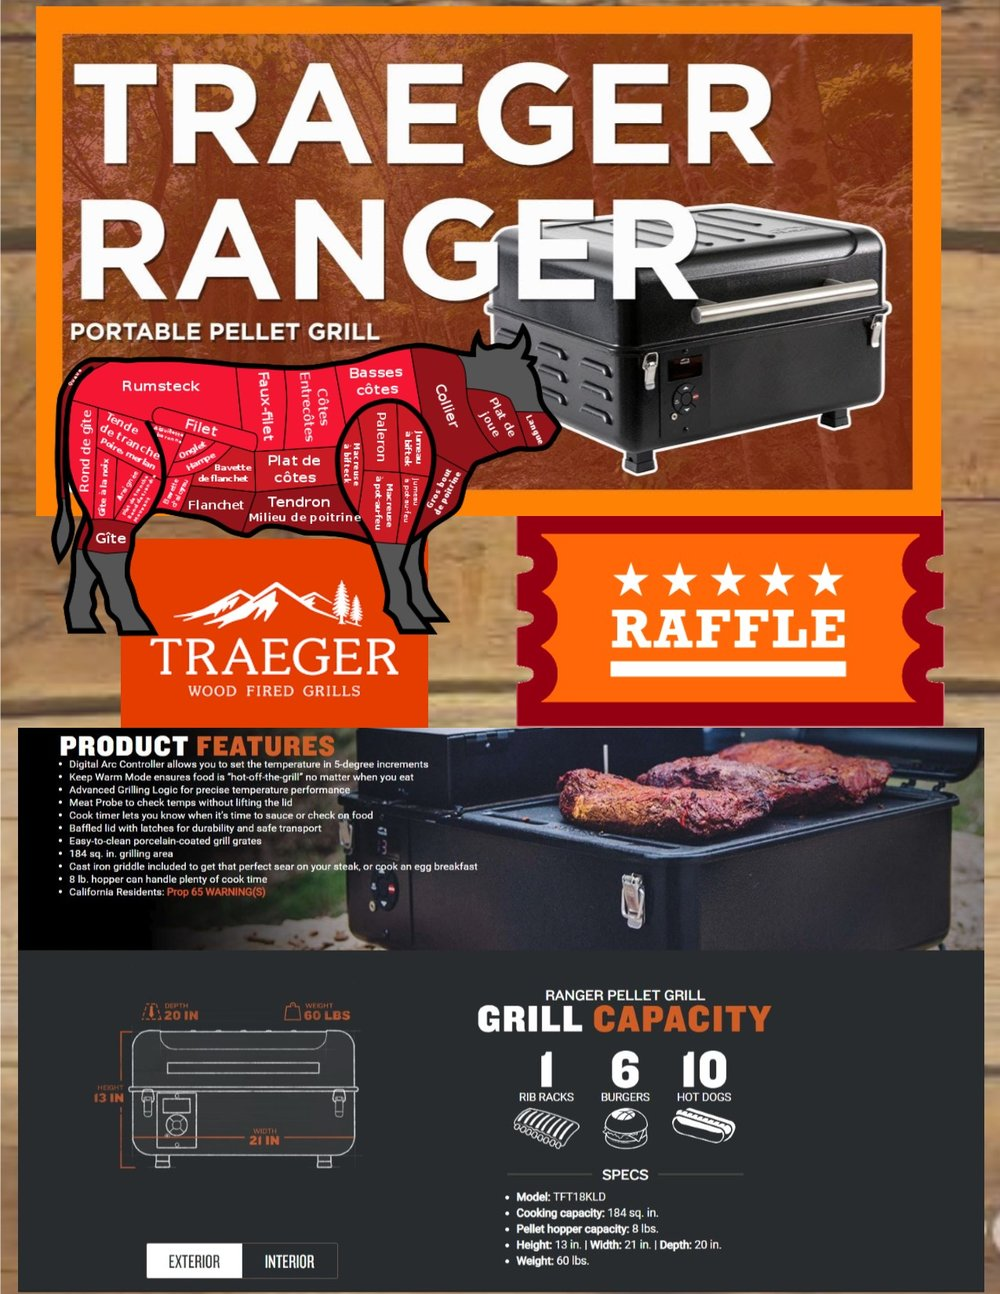 Traeger Ranger Grill.jpg